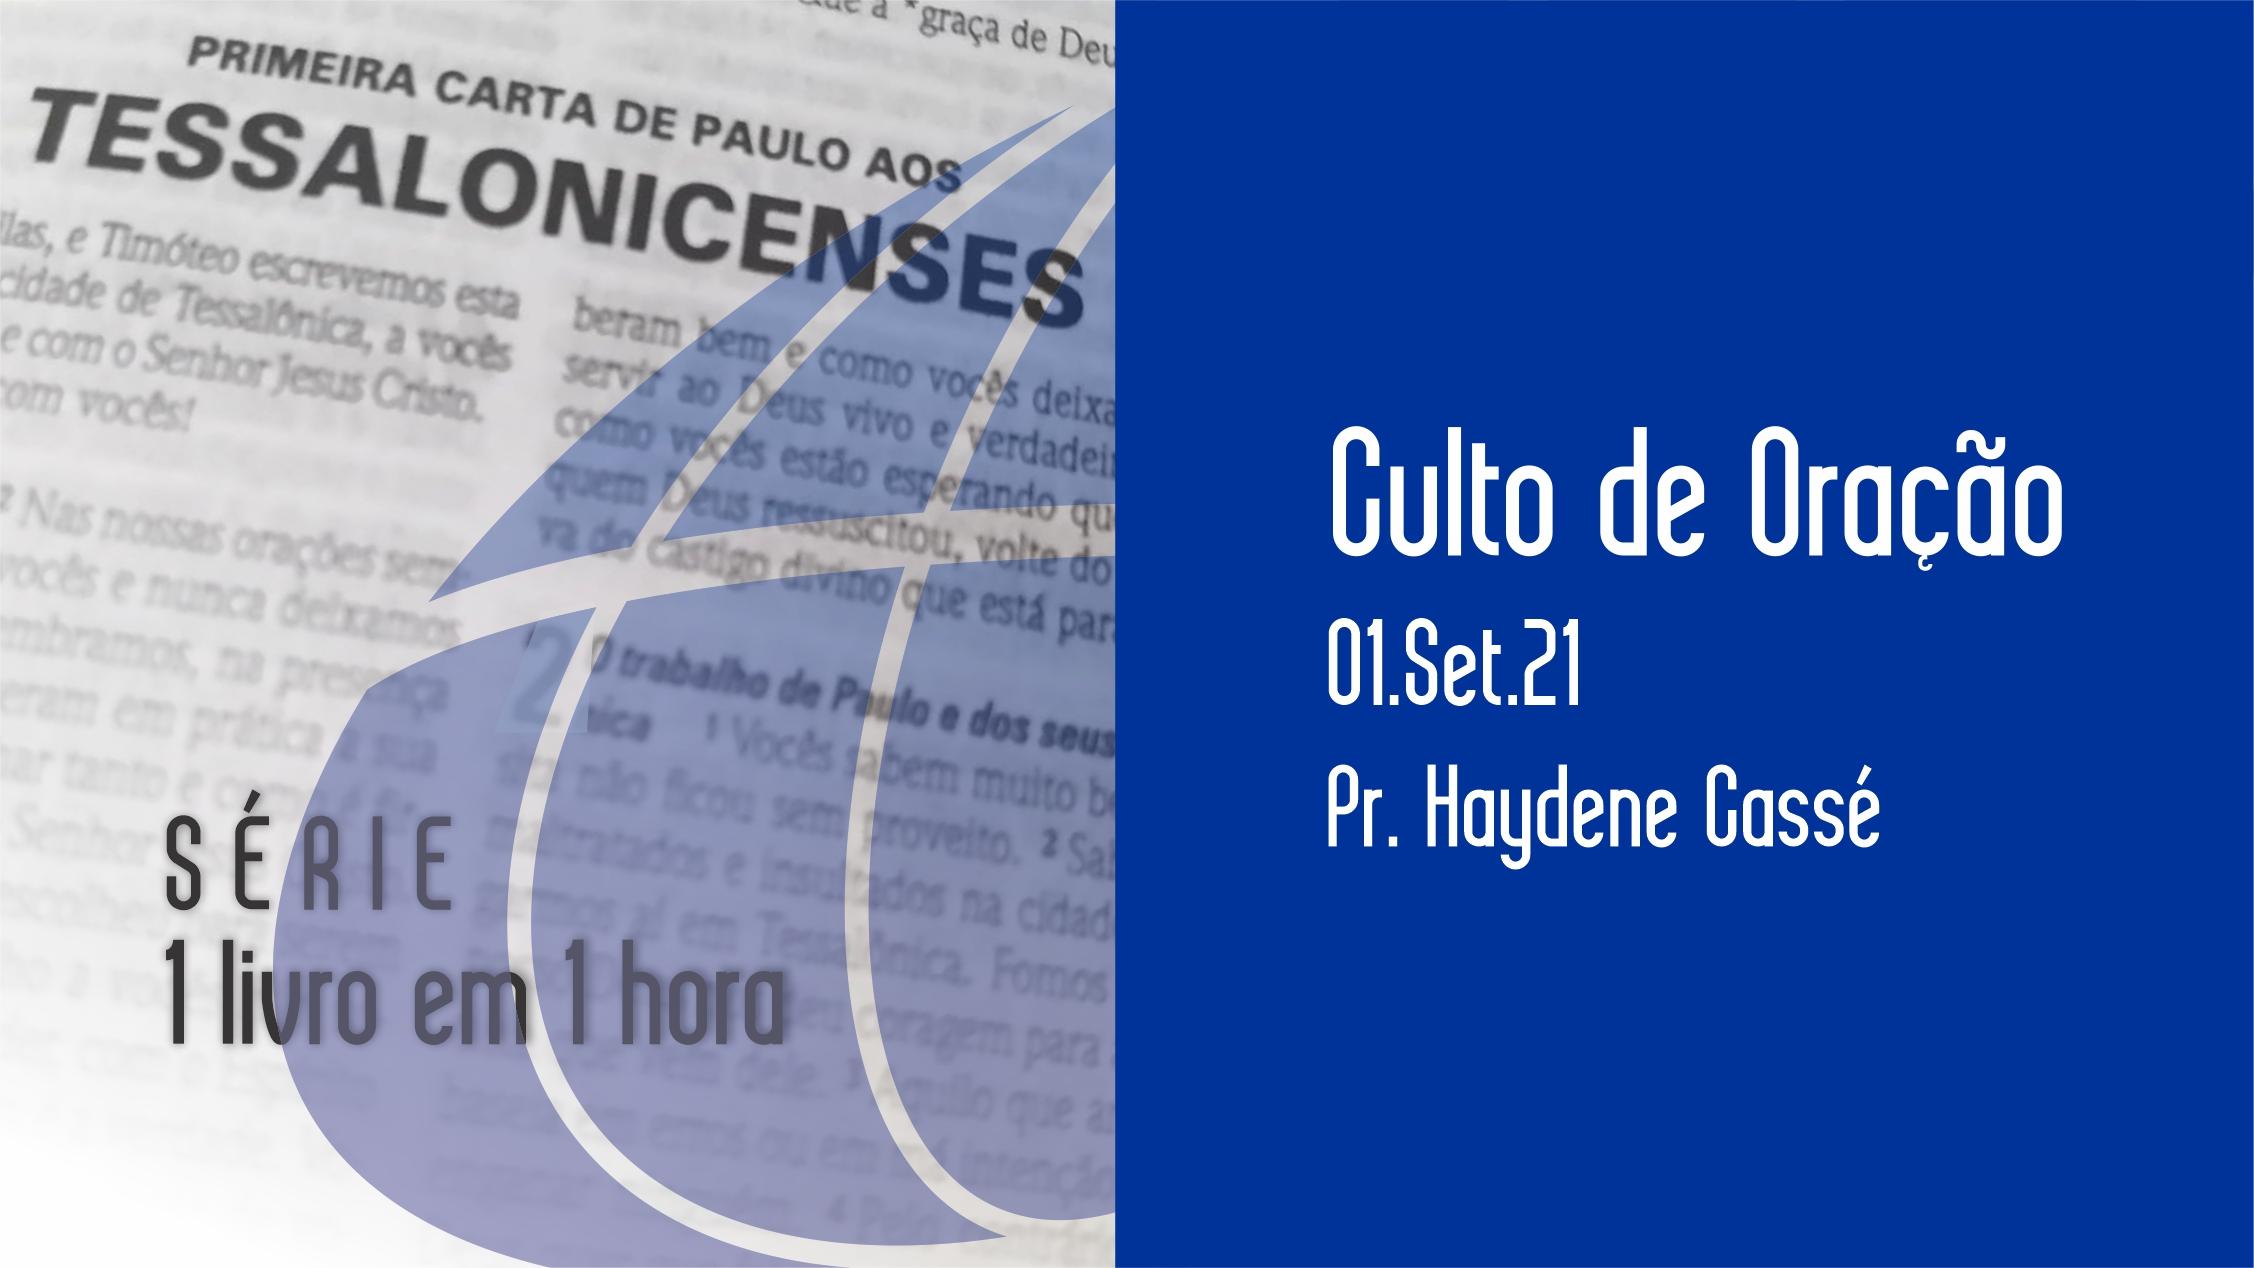 1 Tessalonicenses - 1Livro 1 Hora